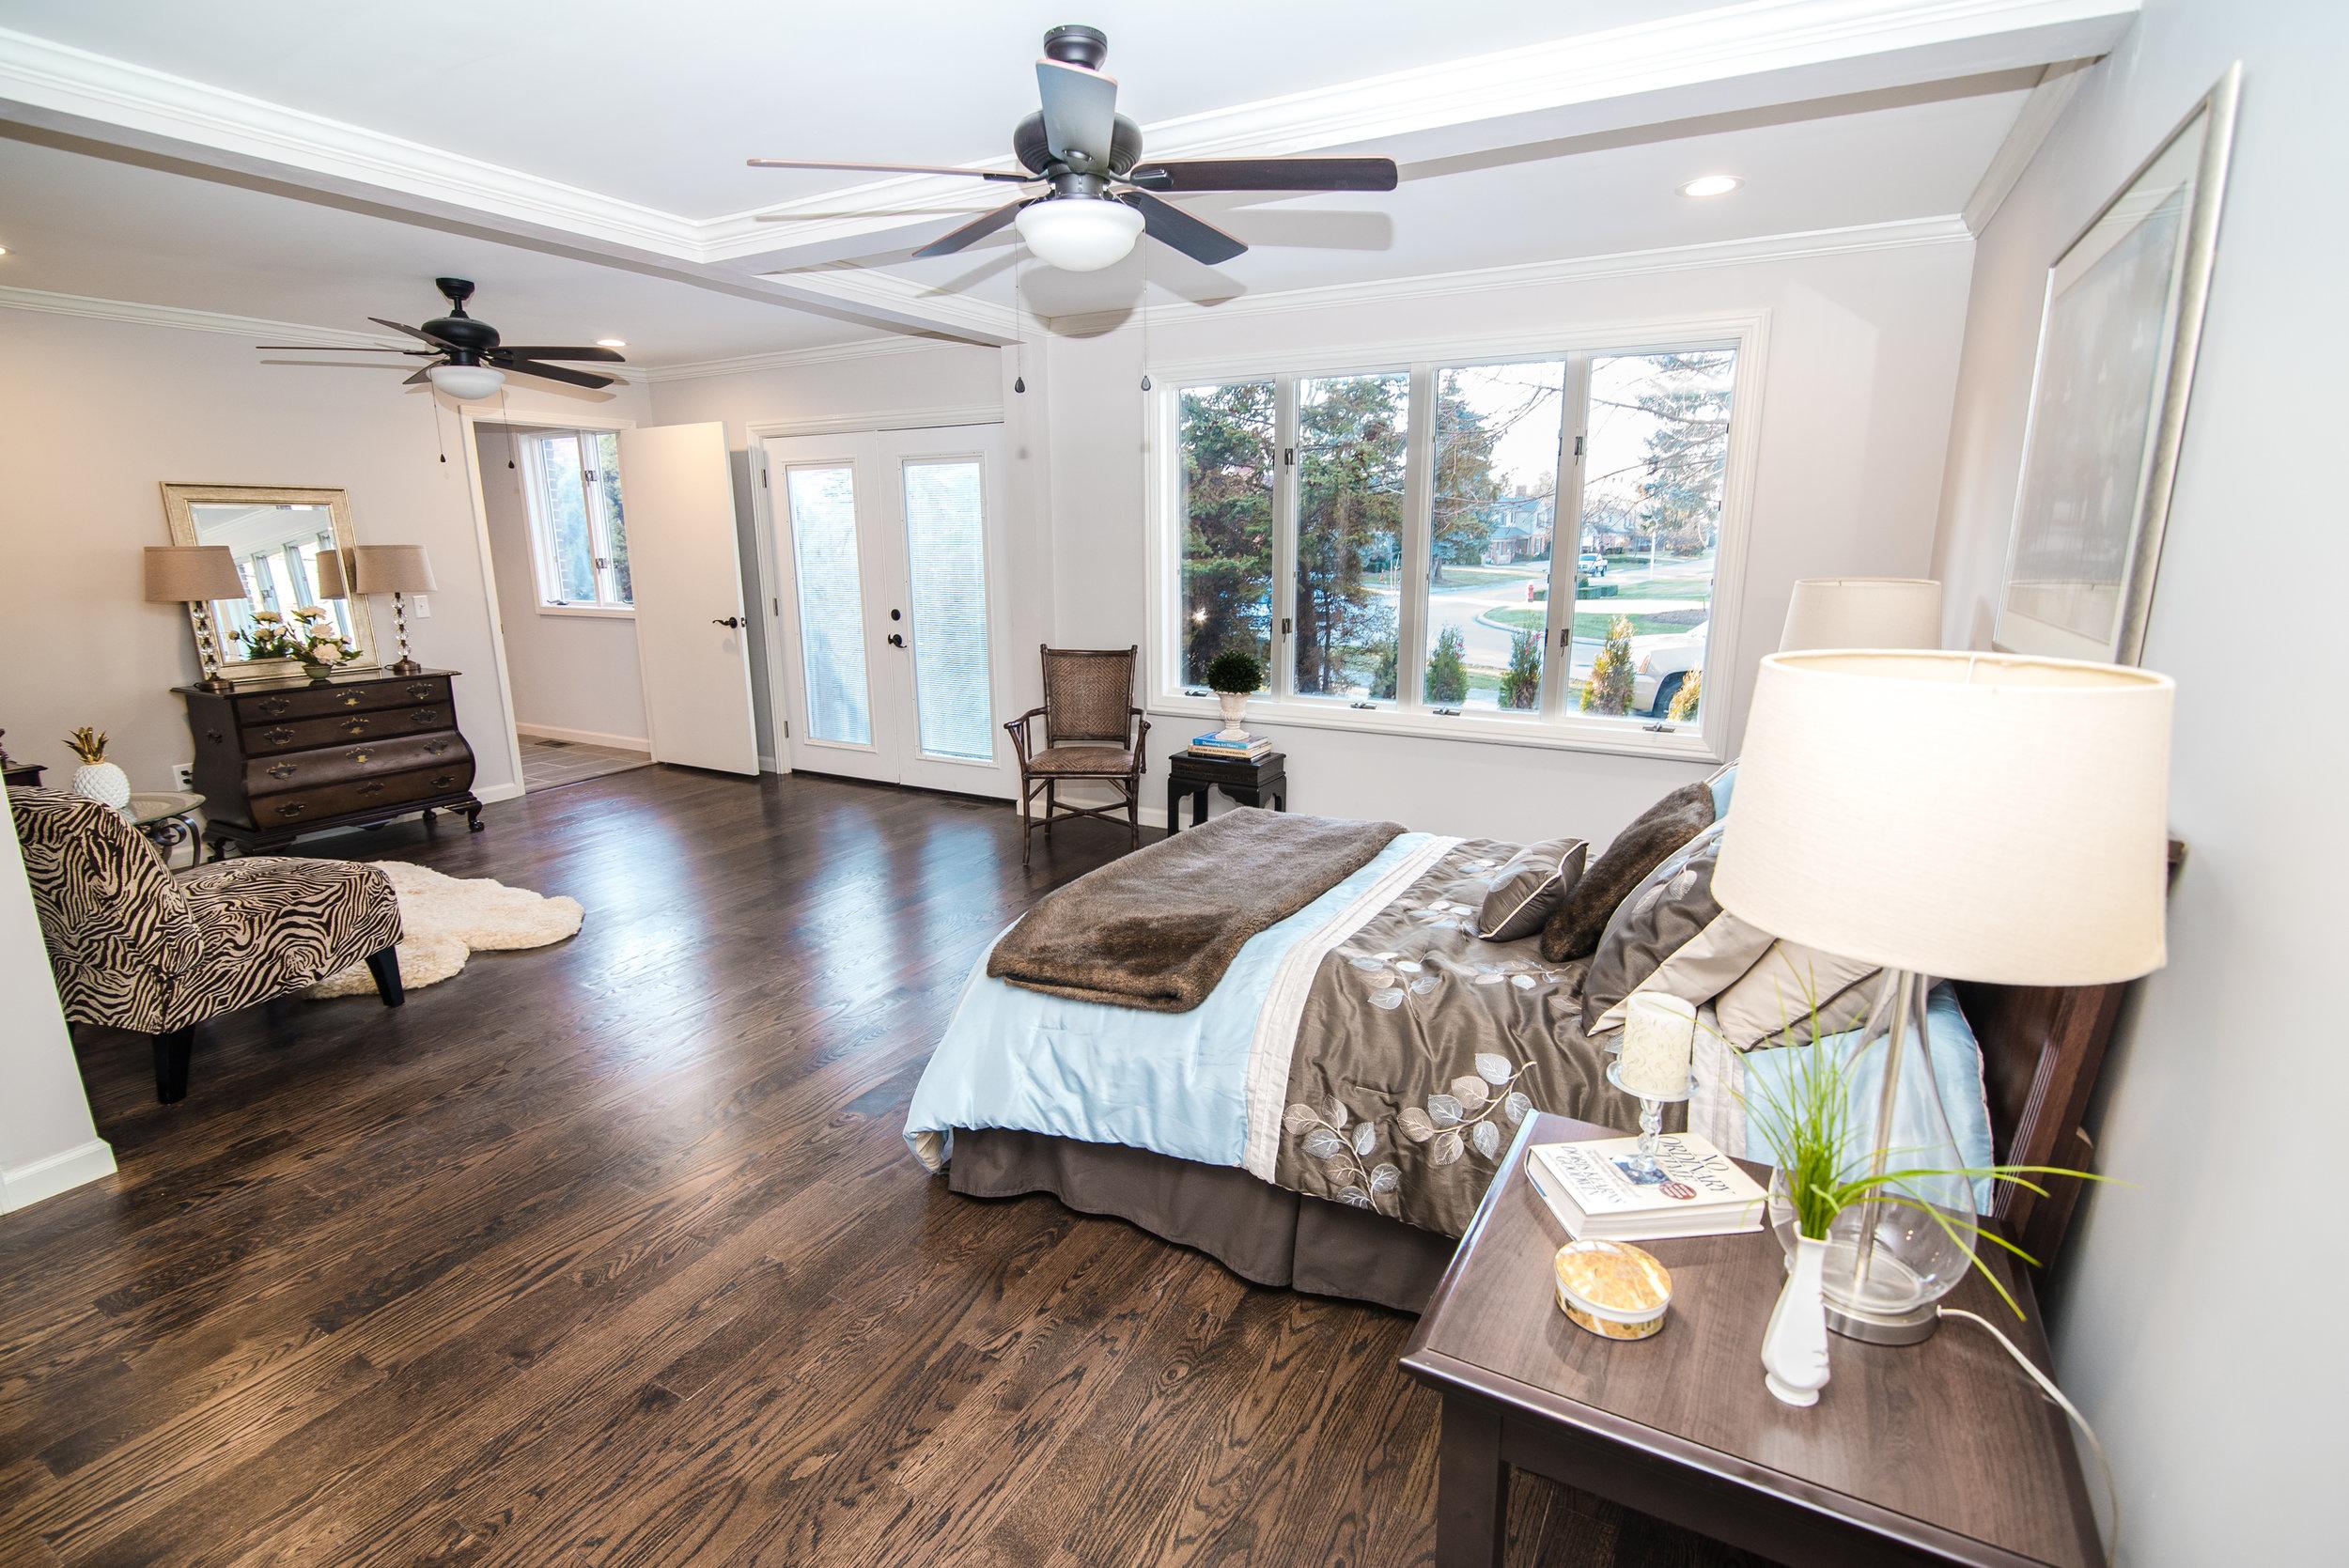 12-8-17 975 lakeshore real estate 177_.jpg